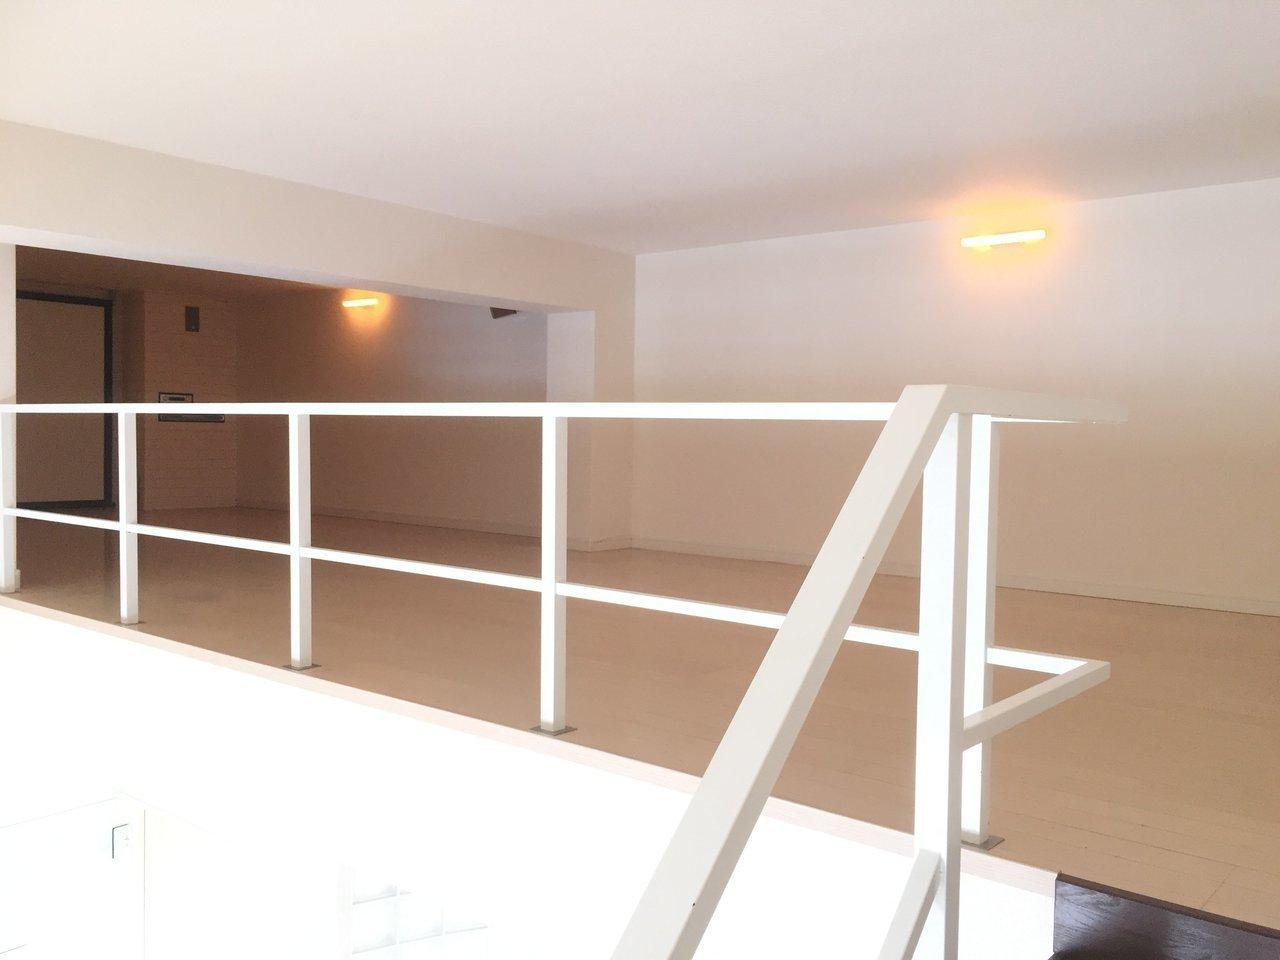 階段を登った先はロフト。天井は低いですが奥行きのあるスペースが広がっていて……